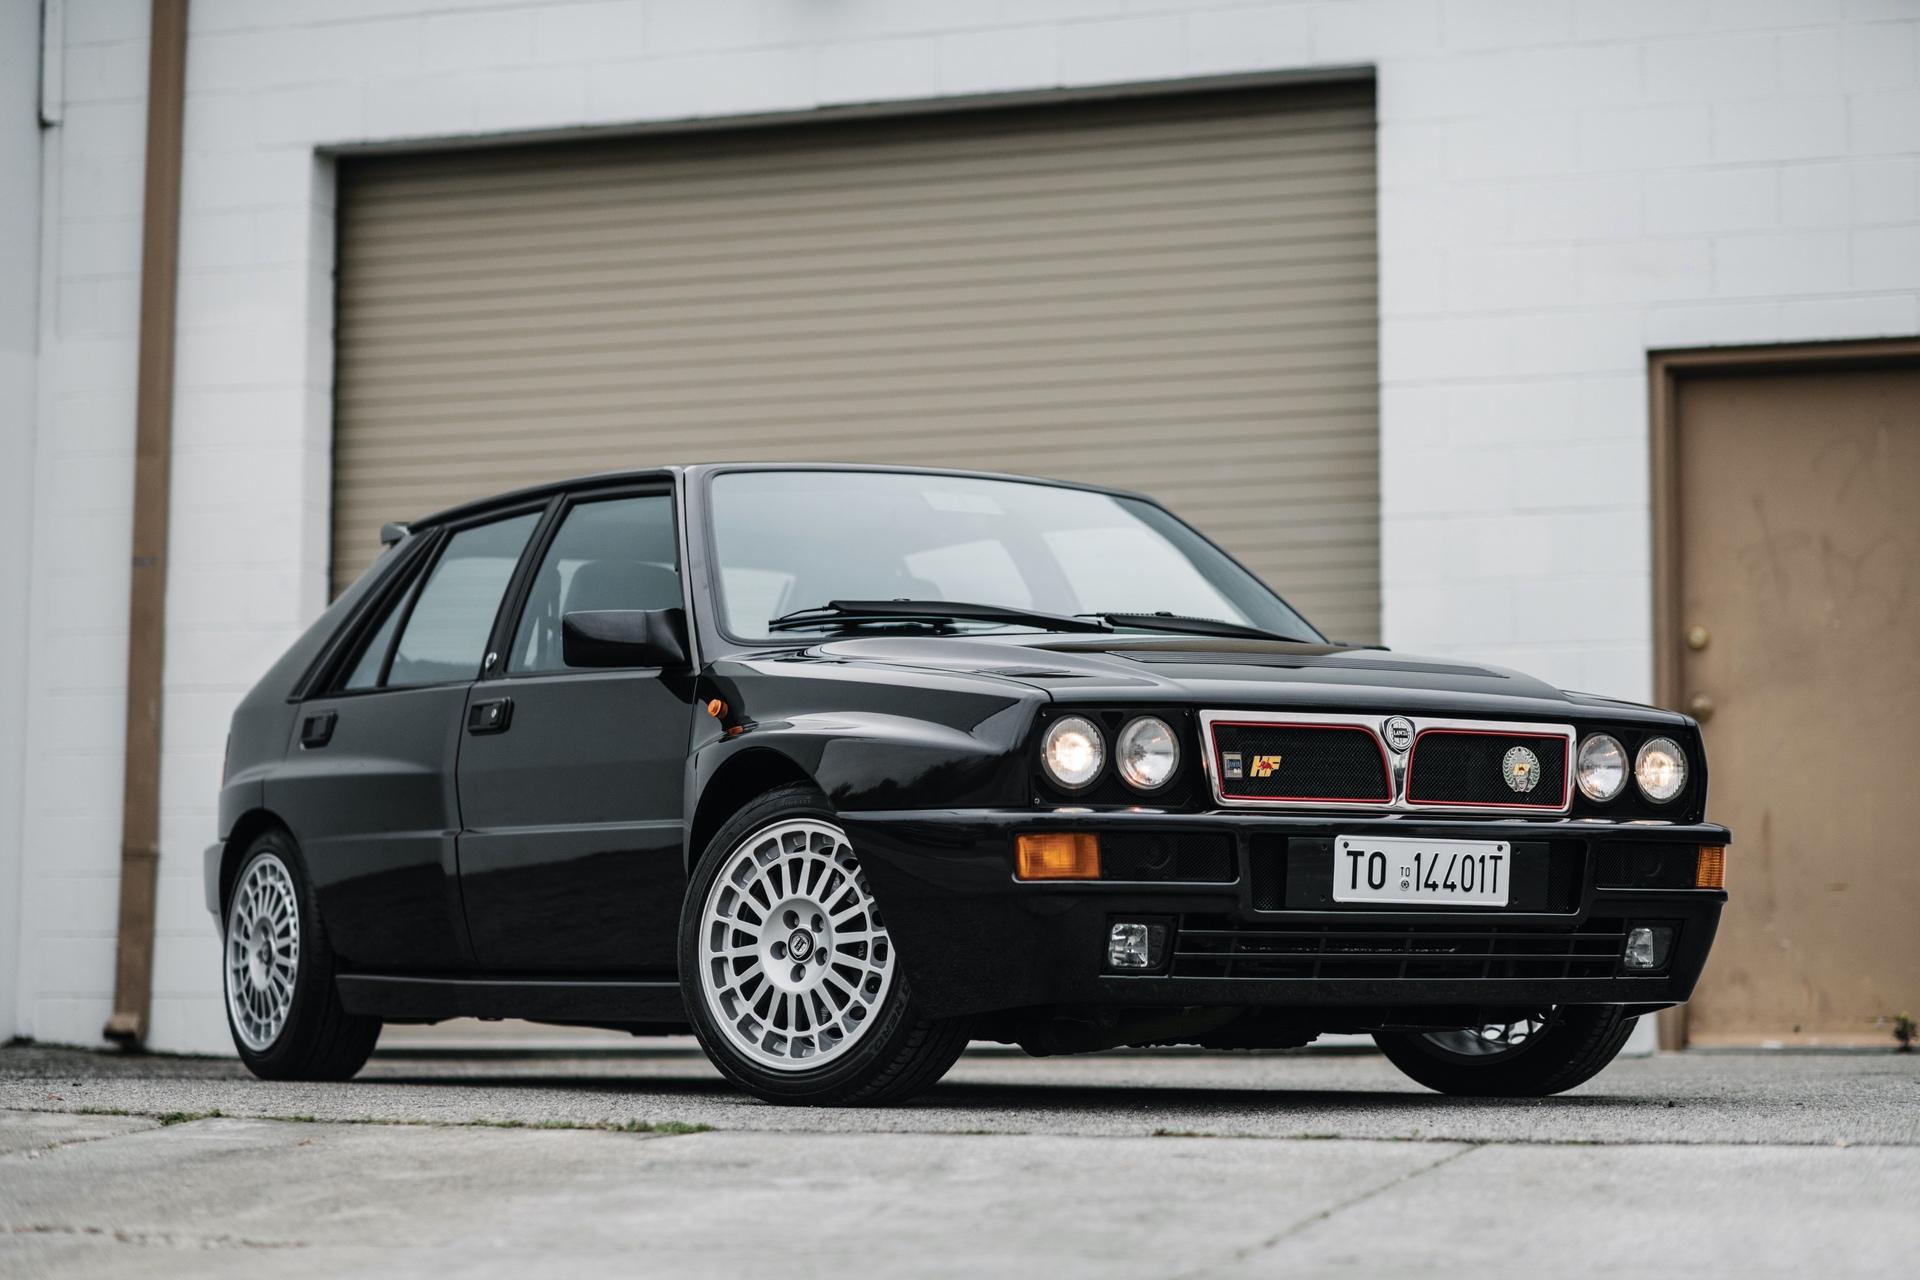 1992-Lancia-Delta-HF-Integrale-Evoluzione-_0